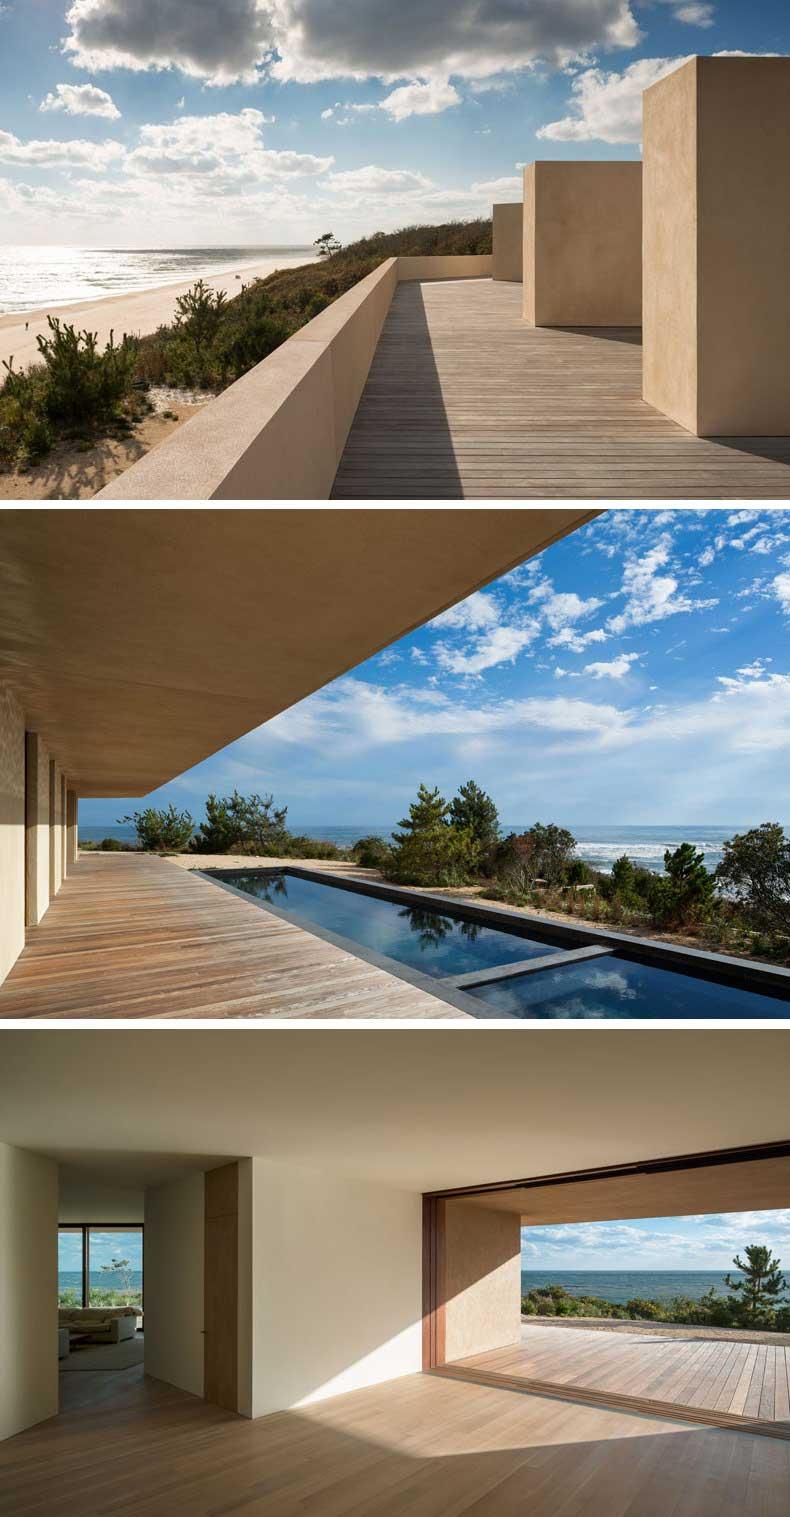 9 casas minimalistas con arquitectura y dise o de locos for Disenos minimalistas para casas pequenas